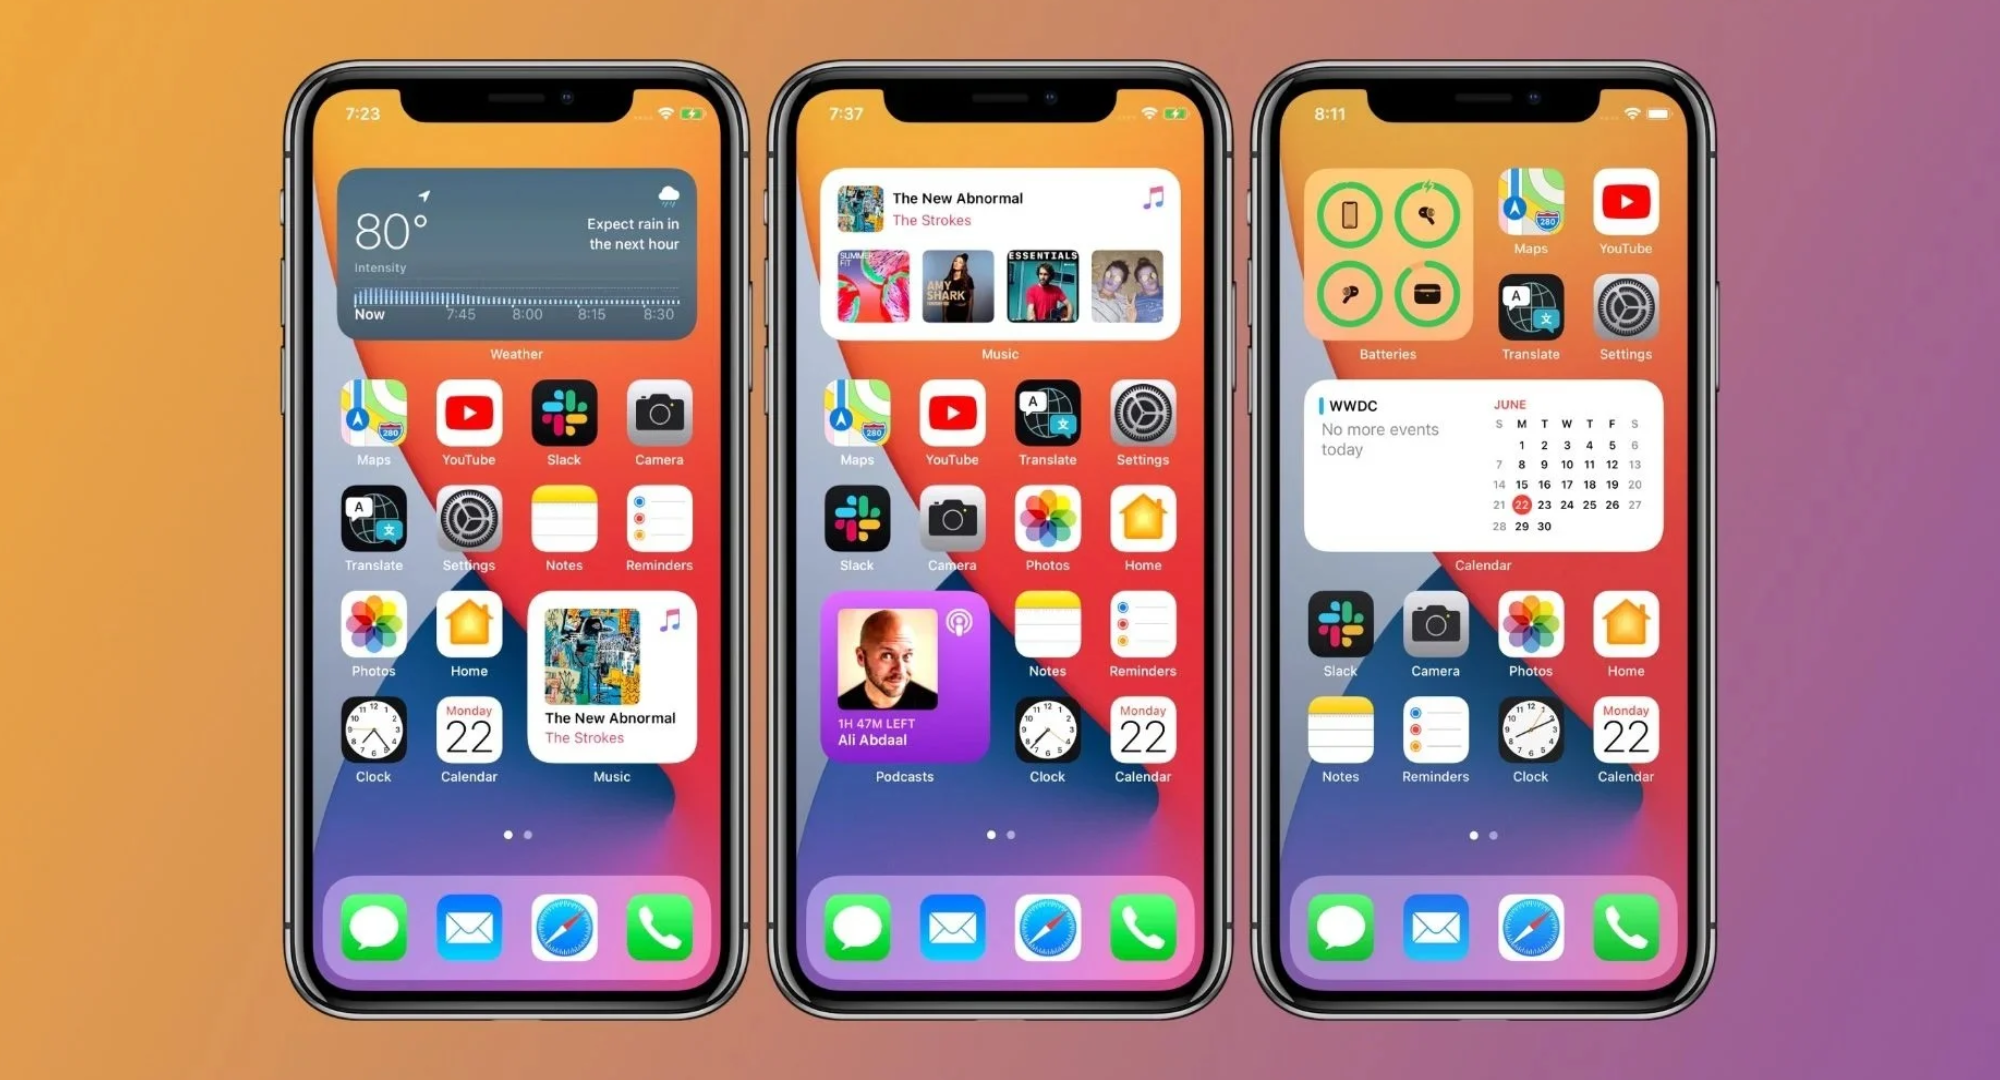 Apple İOS 14'ü Bugün Türkiye'de Saat Kaçta Yayınlayacağını Açıkladı